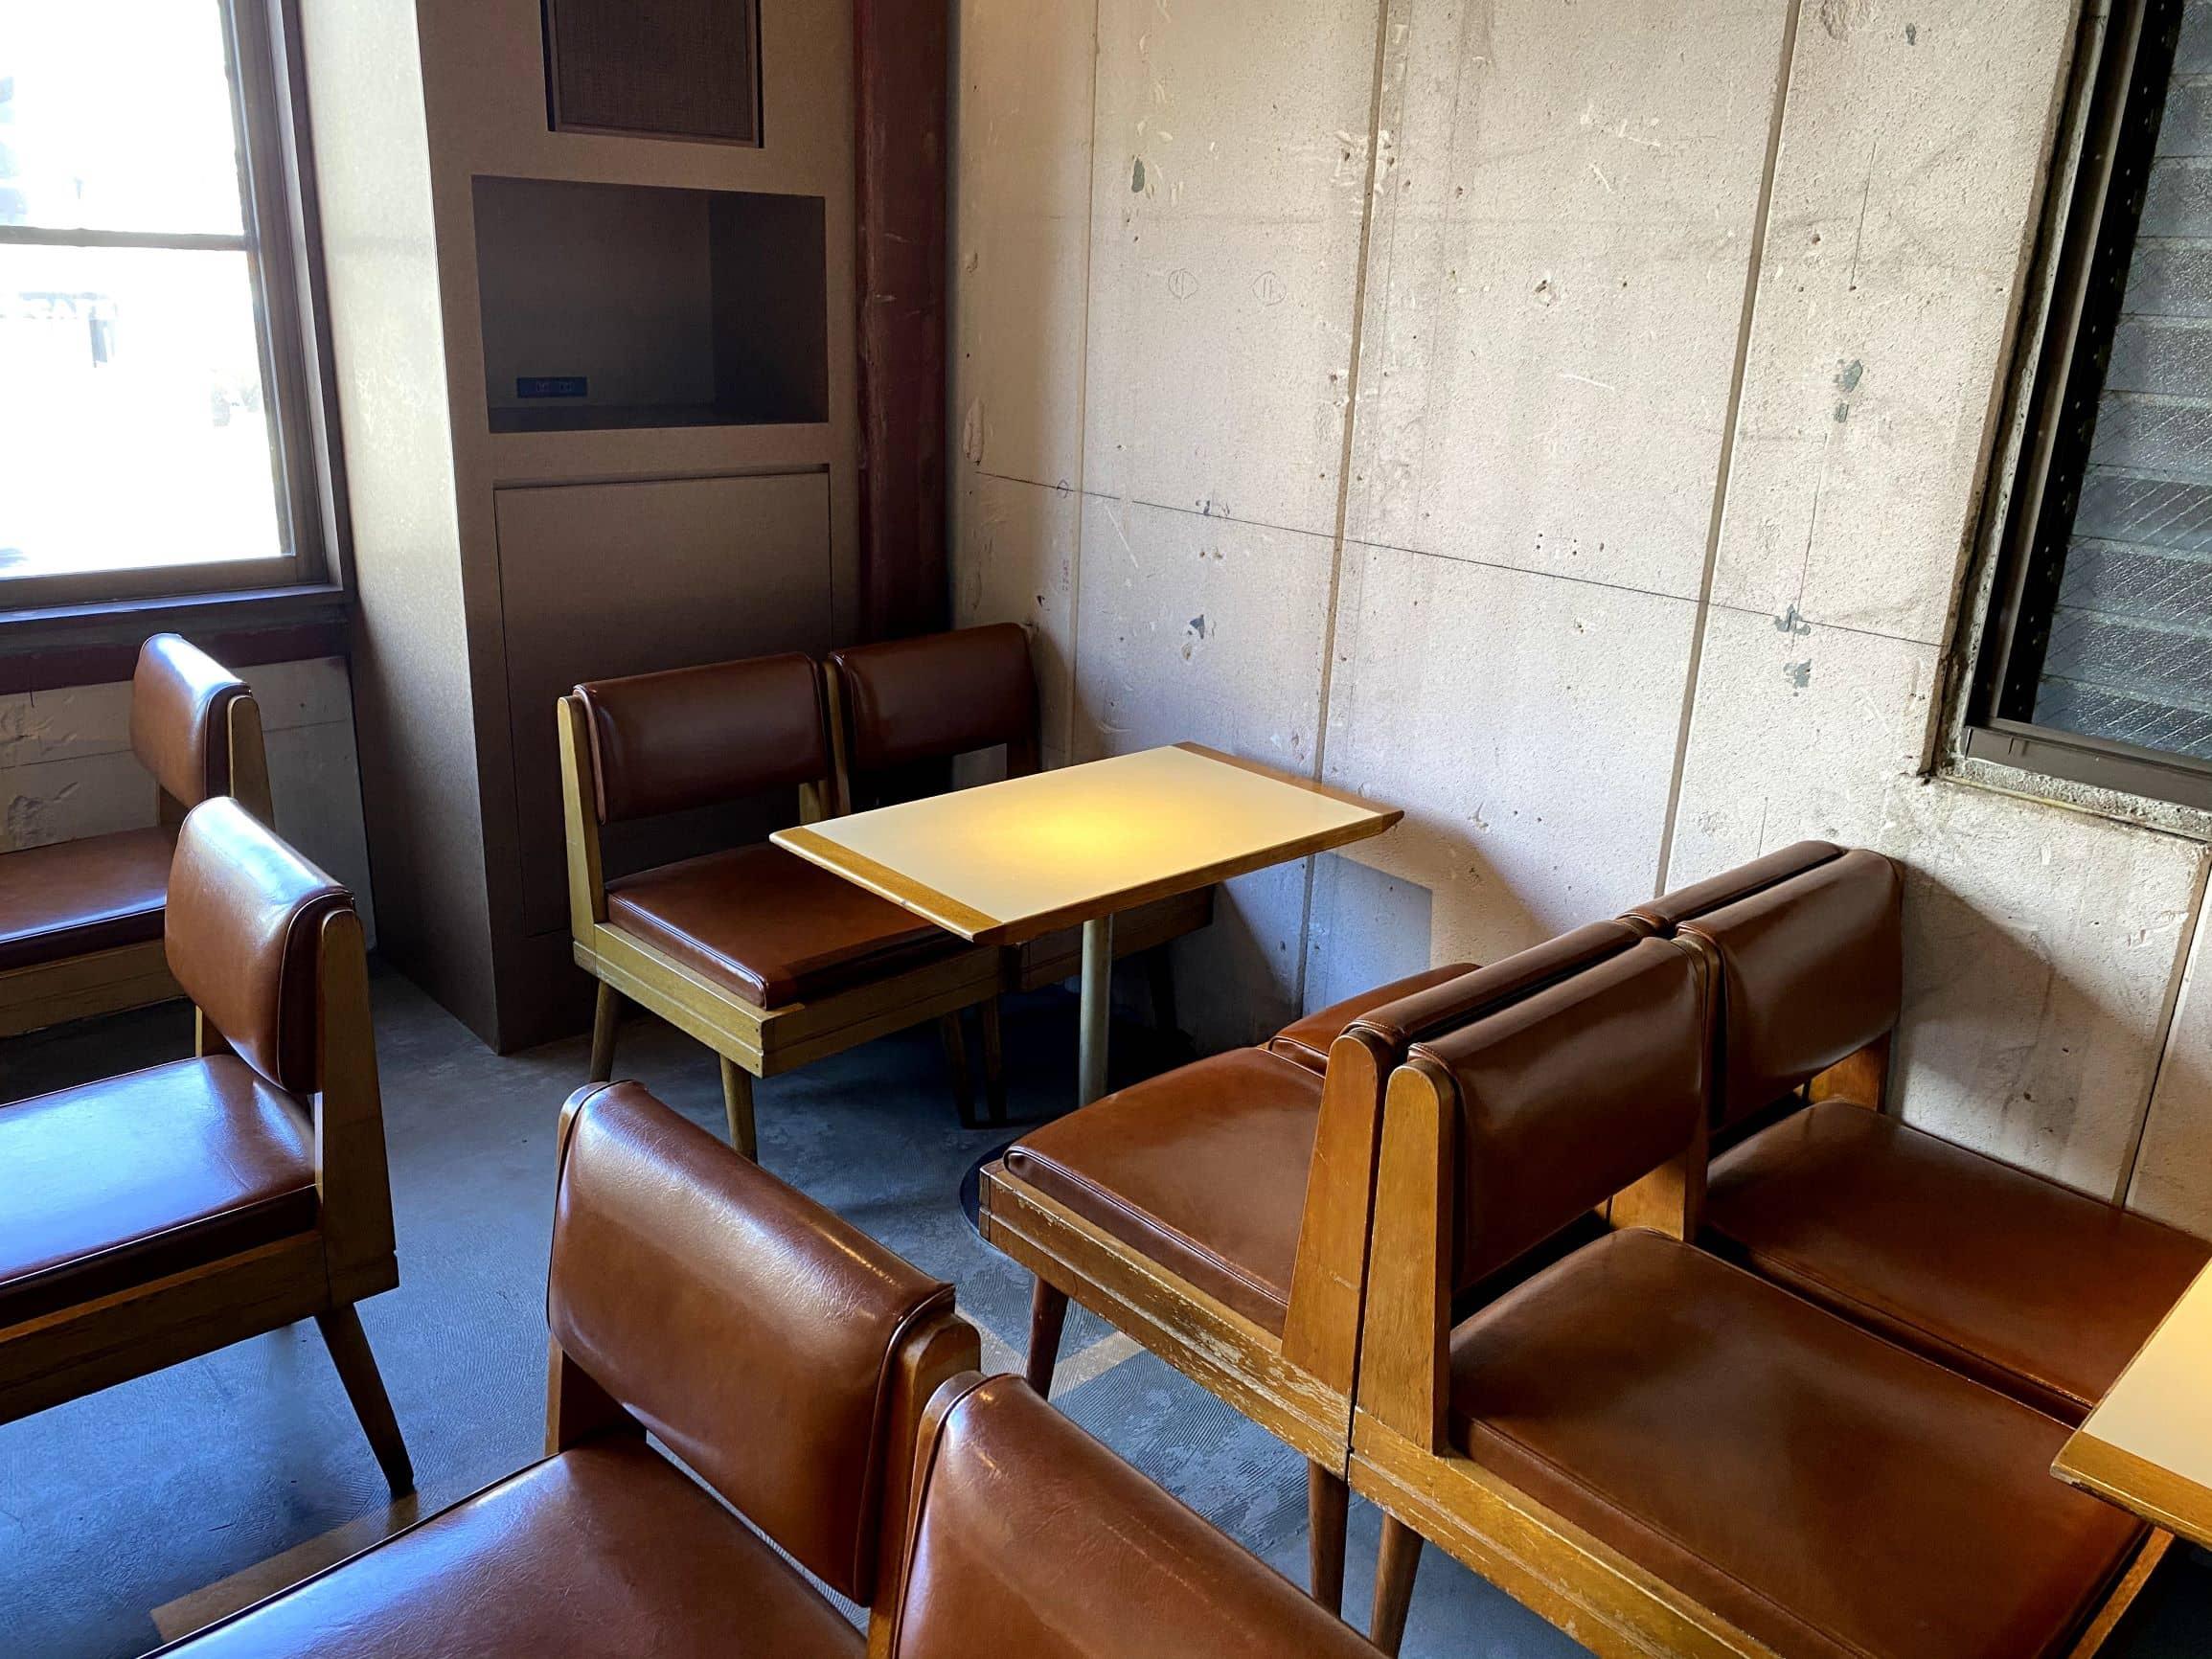 大注目の「シヤチル」2号店!レトロだけど新しい大衆食堂「コアラド」がニューオープン! - IMG 5679 1